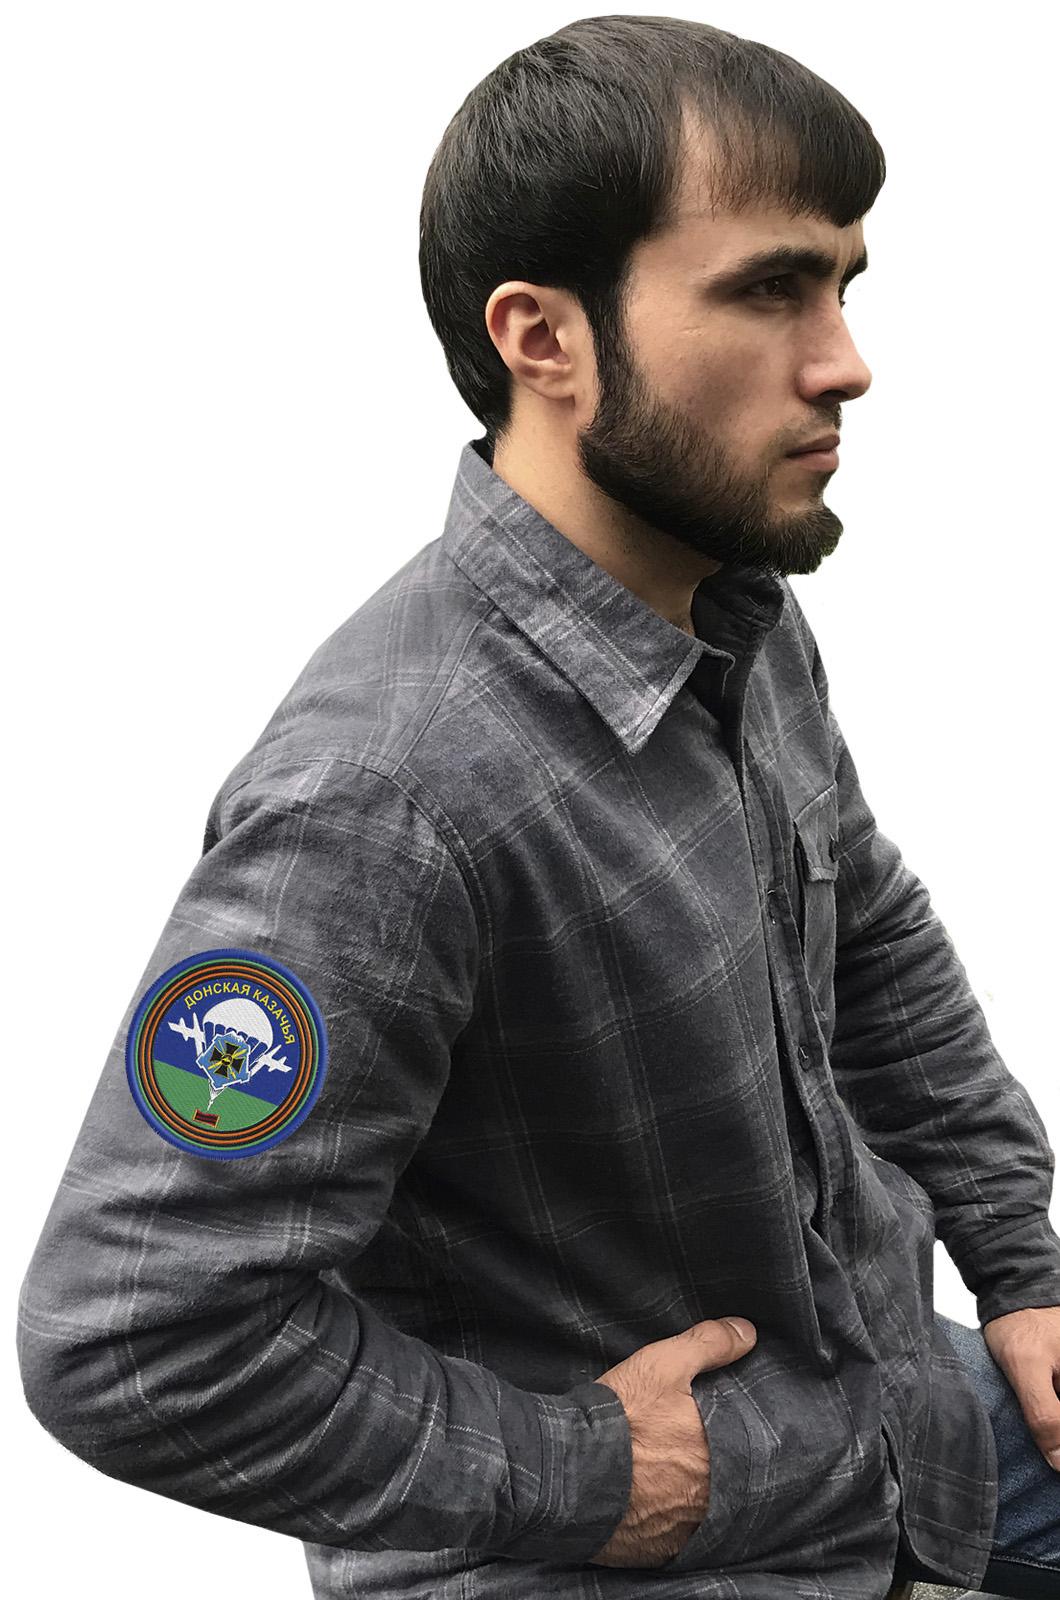 Надежная рубашка с вышитым шевроном Донской Казачьей  купить в розницу